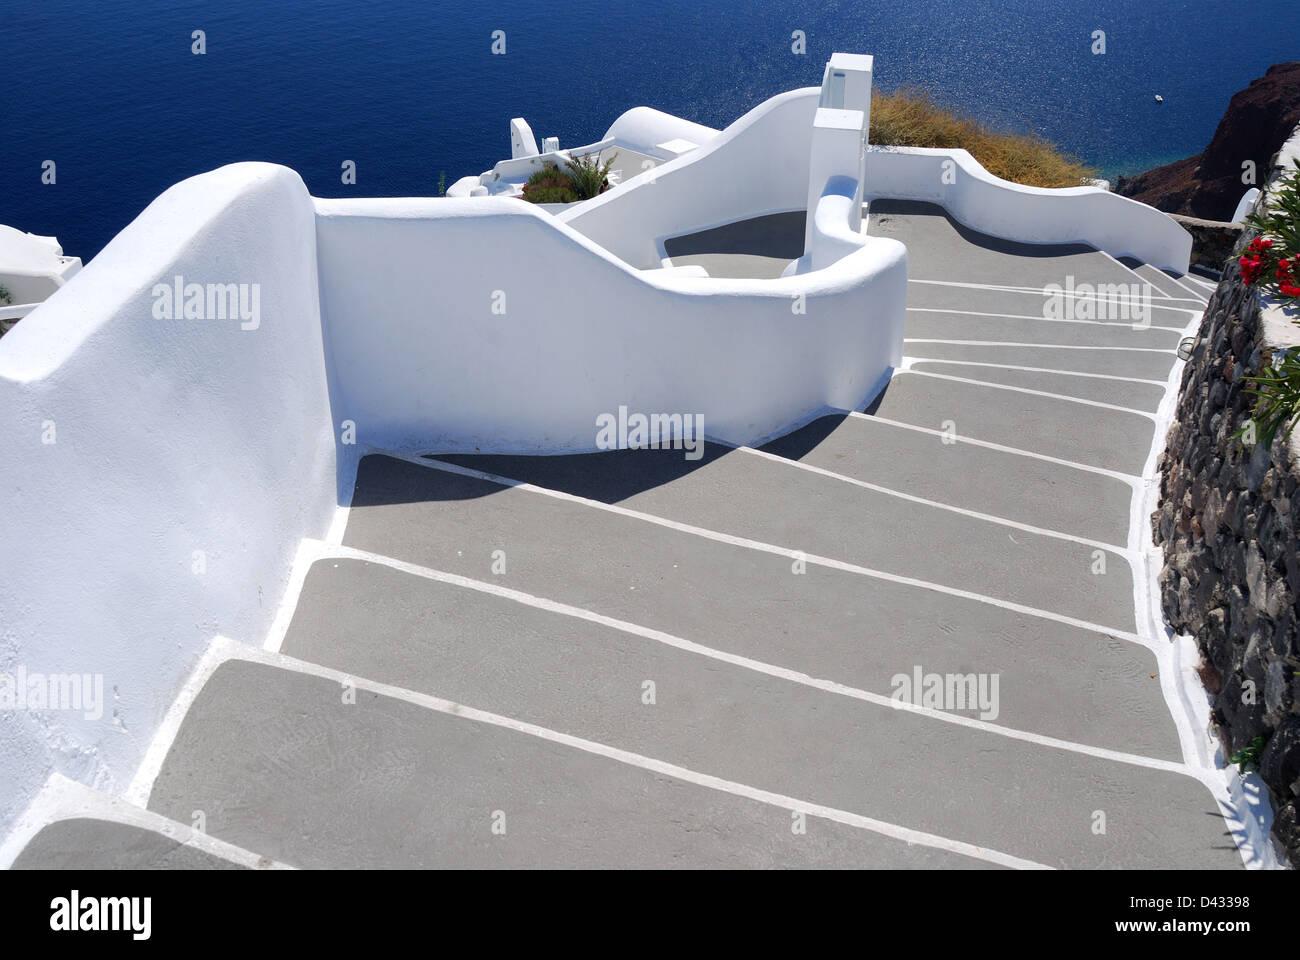 Treppe zum Meer, Santorini Dorf Oia, Griechenland, einem beliebten touristischen Ort für Architektur. Stockbild